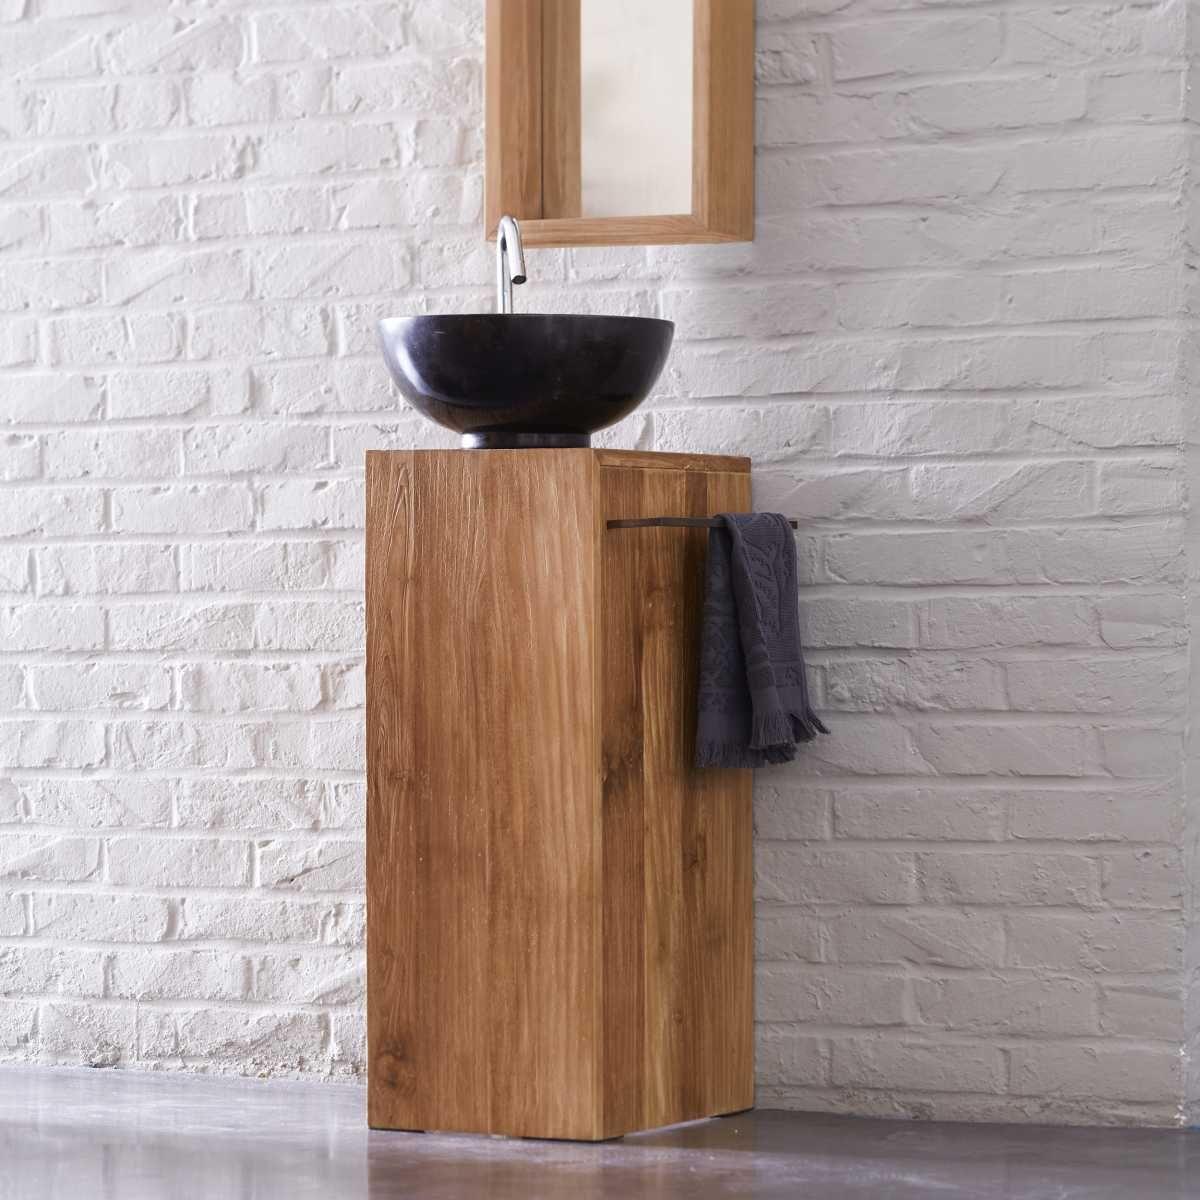 waschtisch aus teak 30 stelle rechts waschtisch 30er und g ste wc. Black Bedroom Furniture Sets. Home Design Ideas